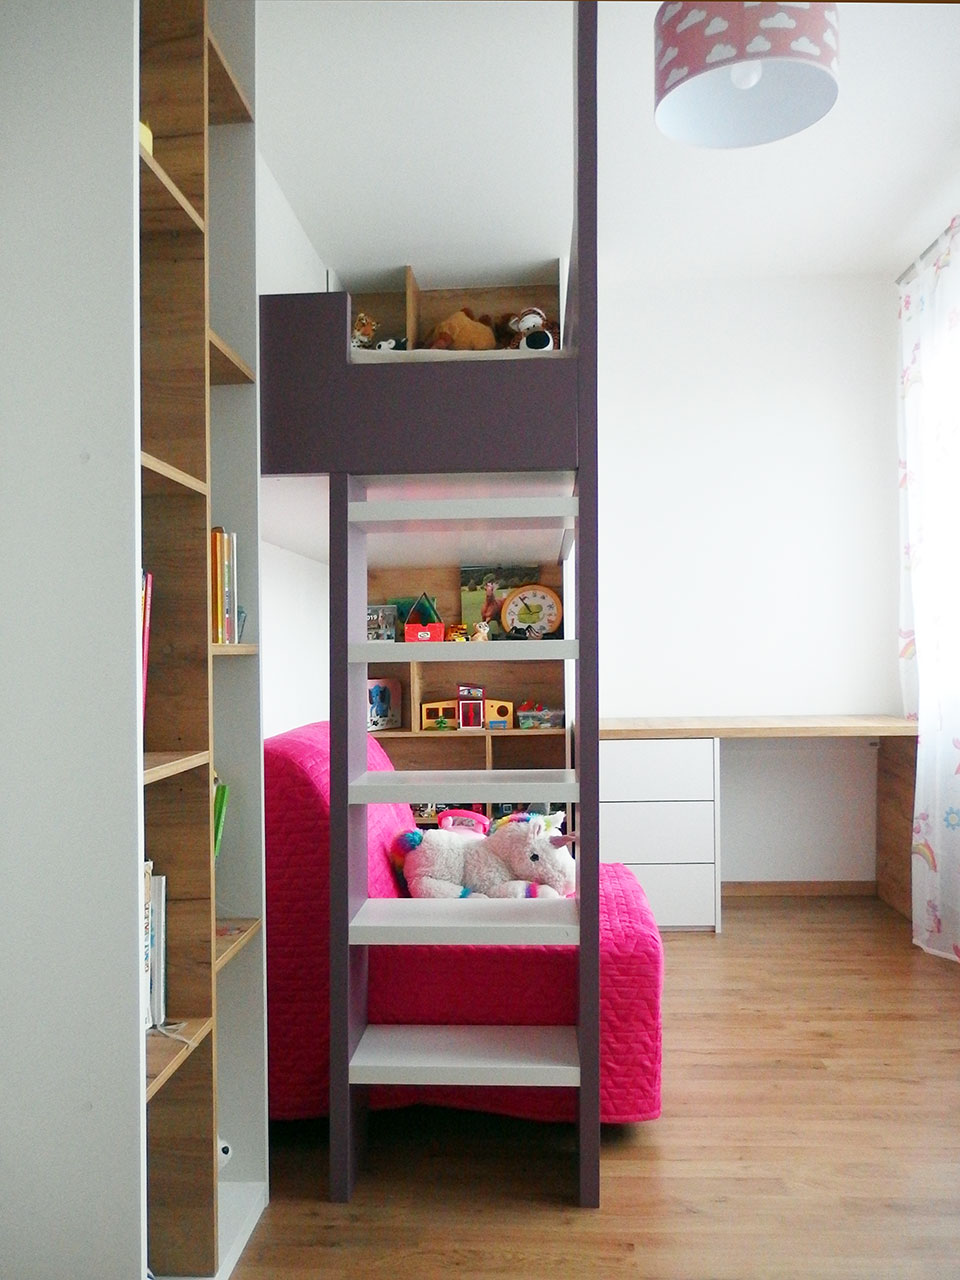 Realizace kompletního interieru vč. patrové postele do dětského pokoje pro holčičku Praha 9